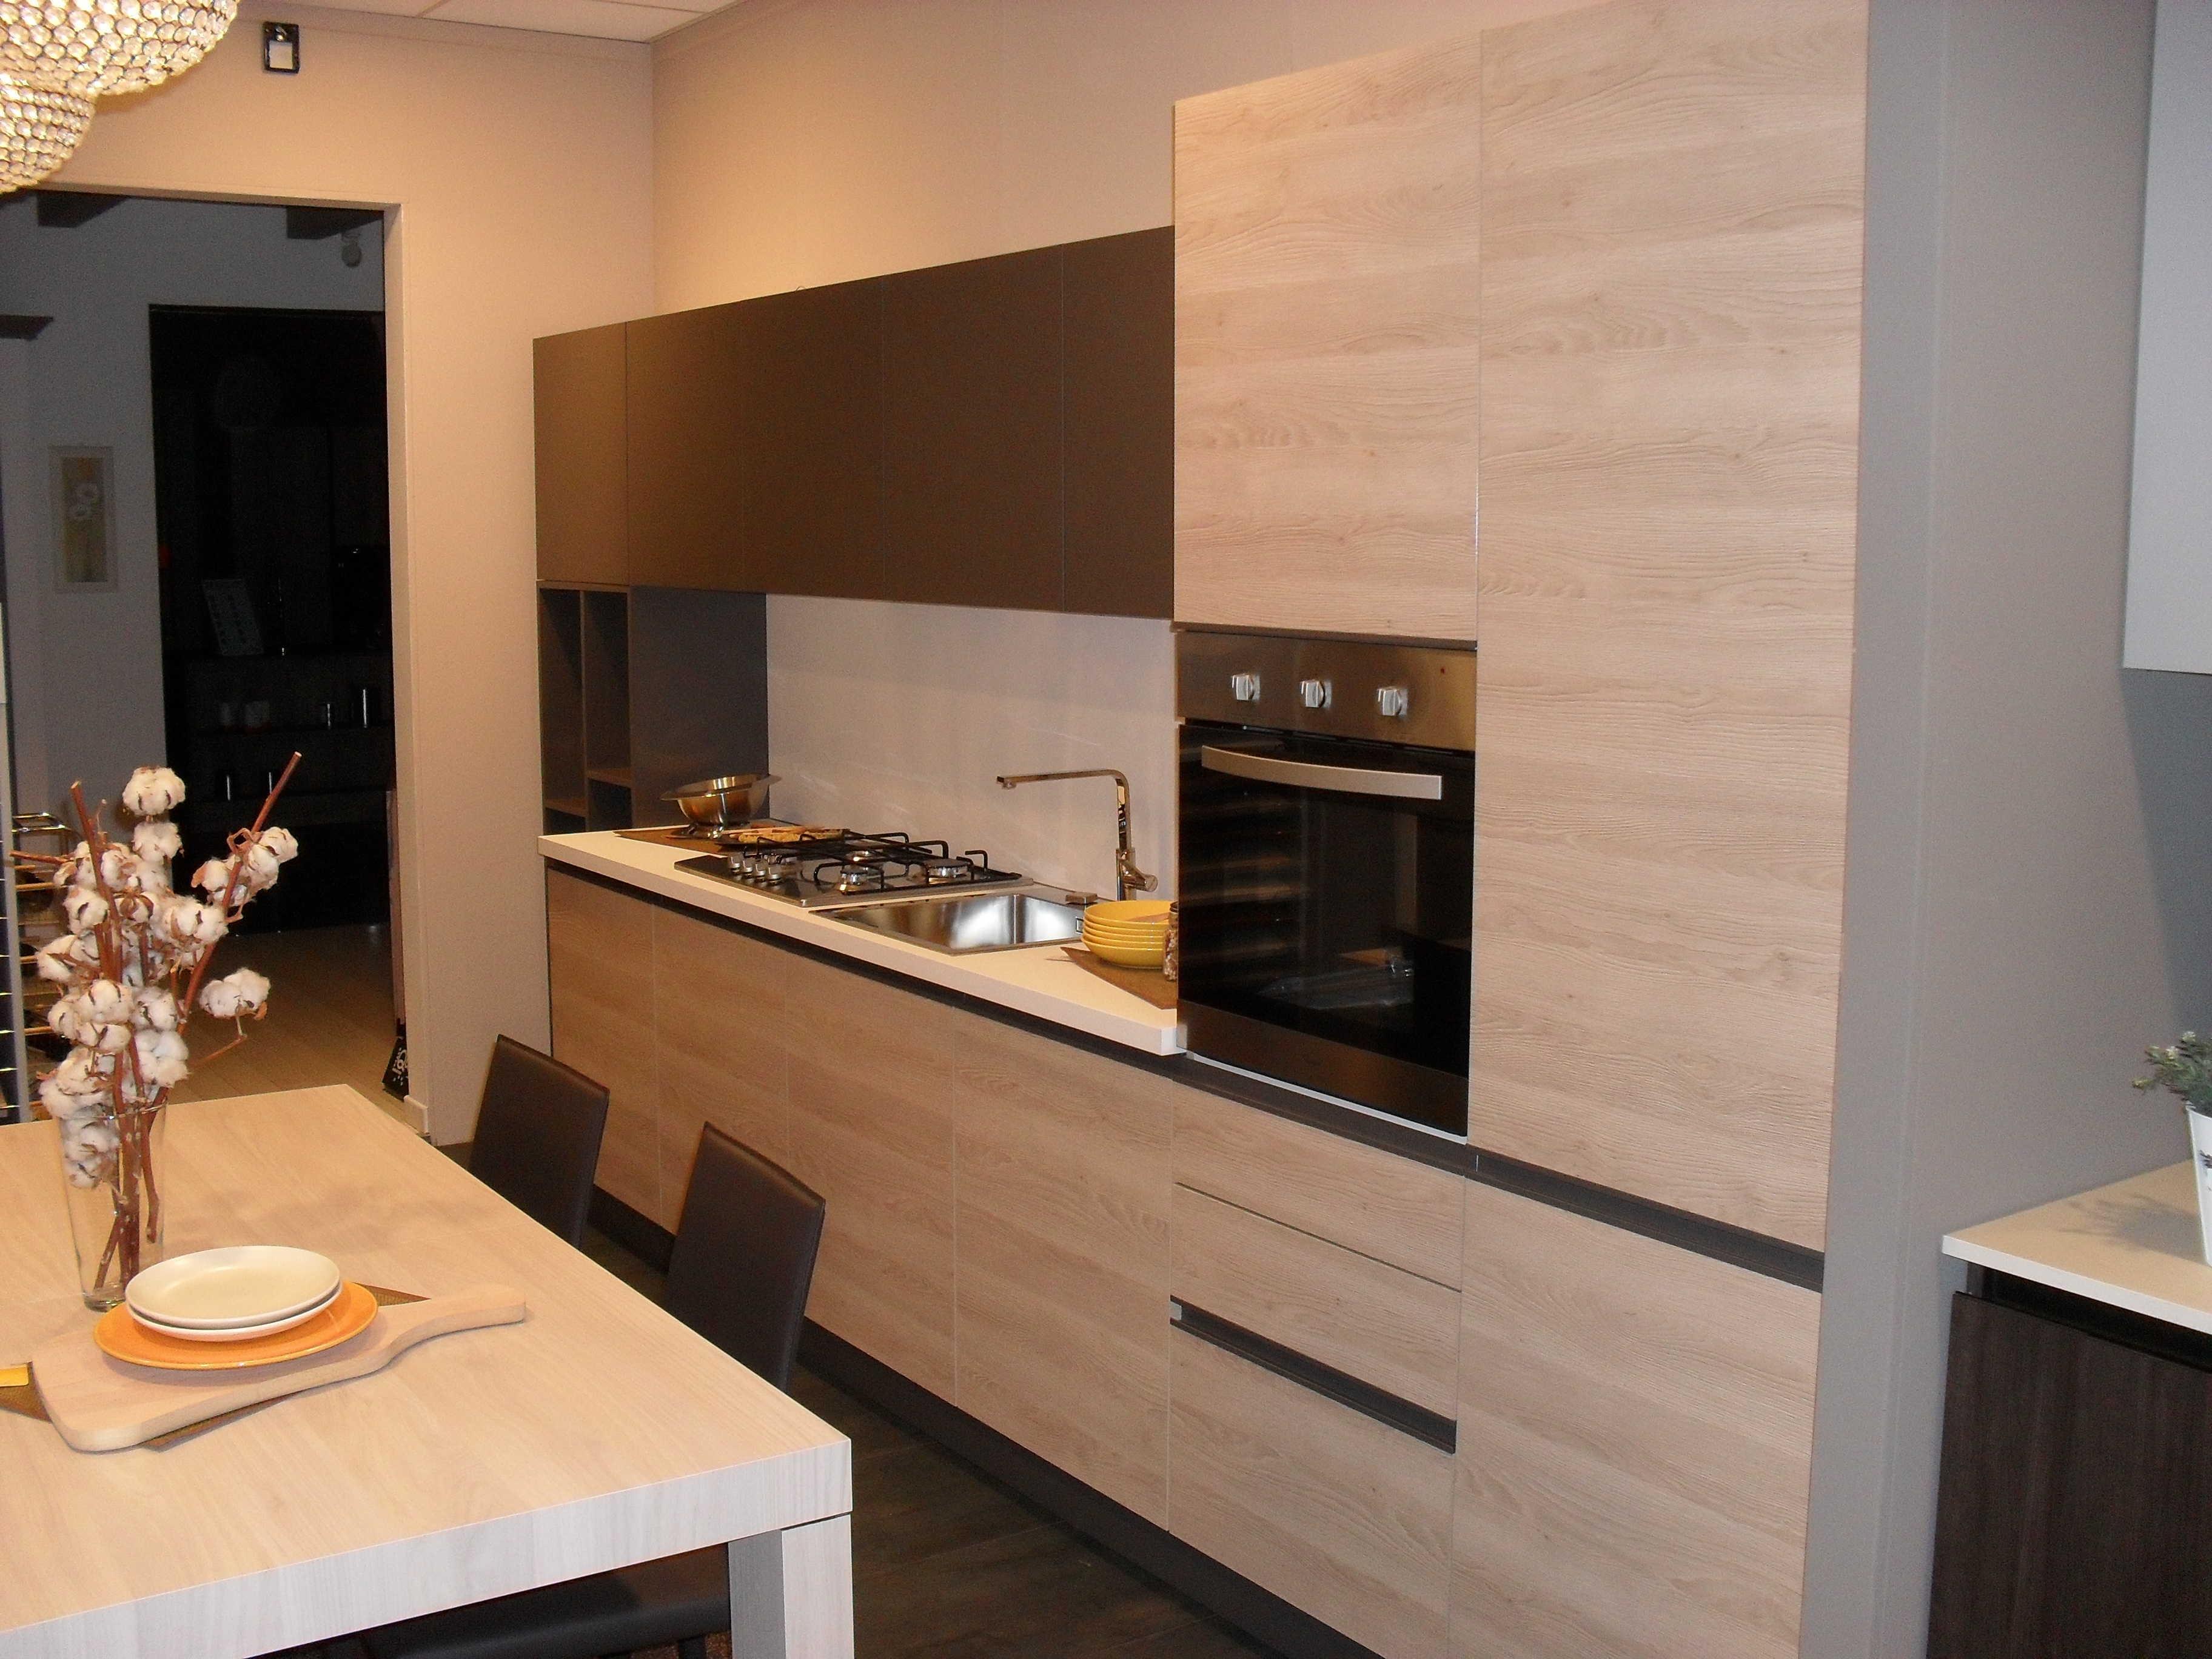 cucina bahia rovere naturale scontata del 53% - cucine a prezzi ... - Cucina Rovere Naturale